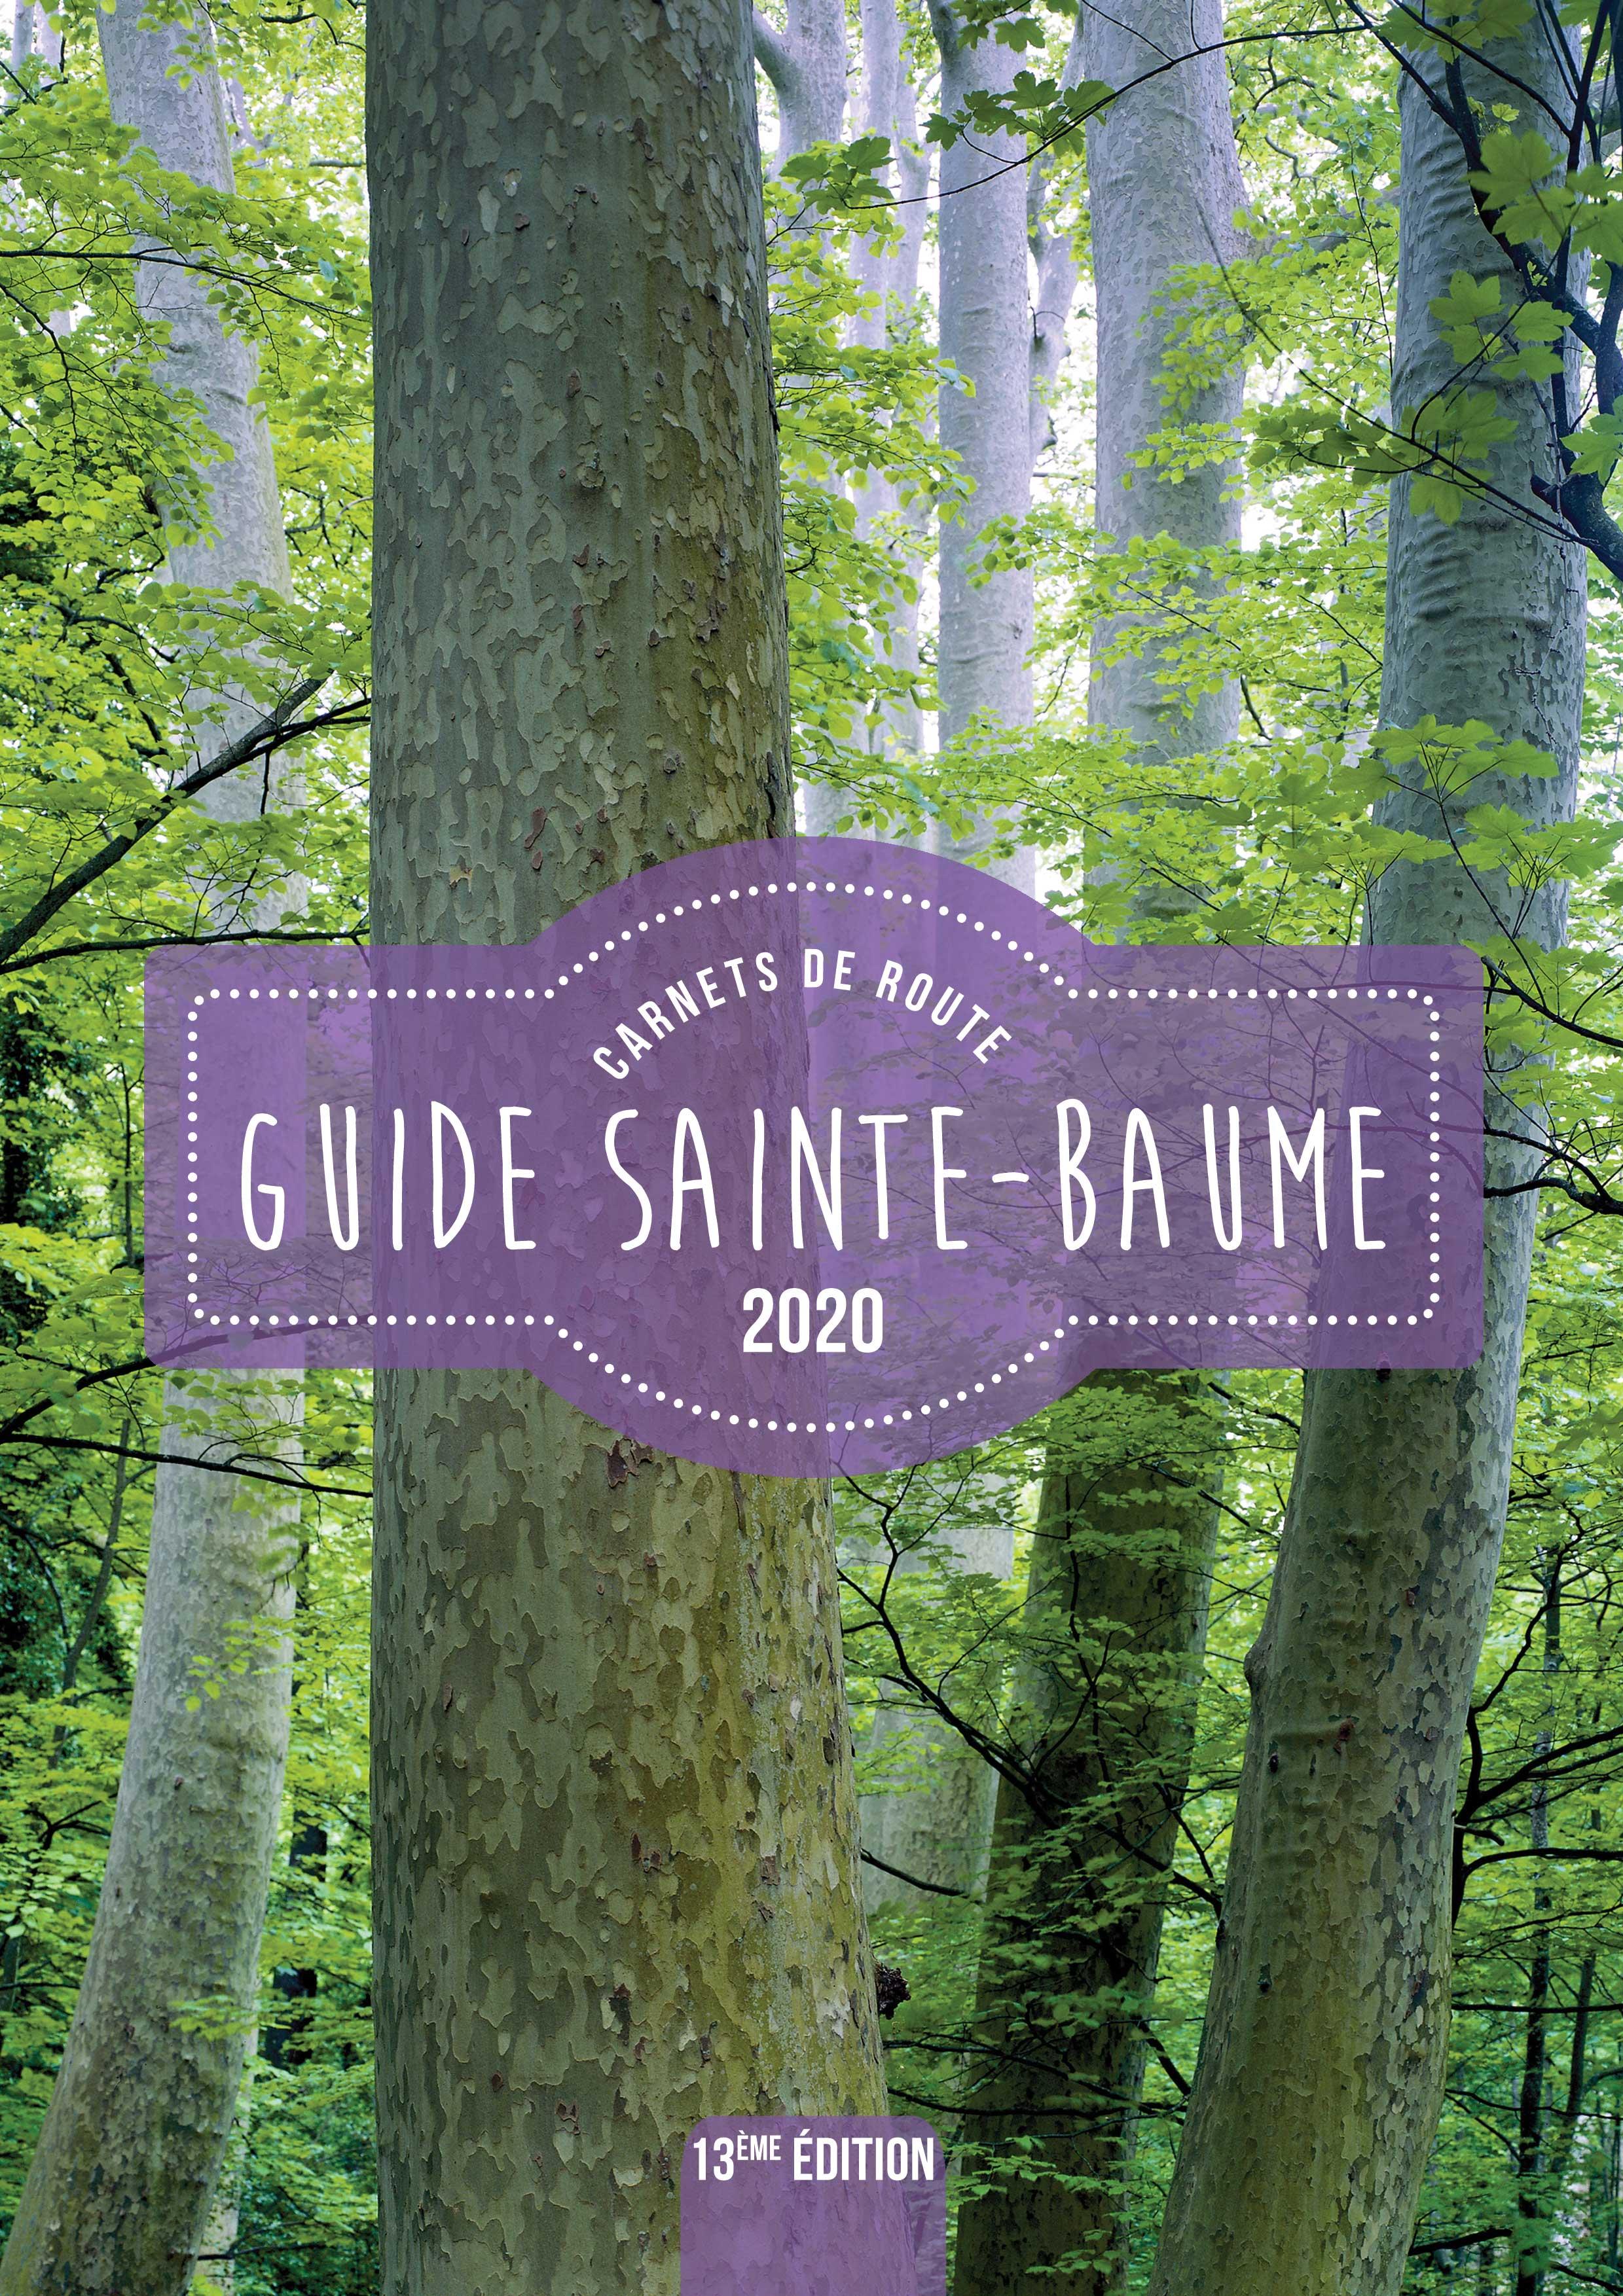 Le Guide Sainte-Baume 2020 est disponible sur Calaméo !